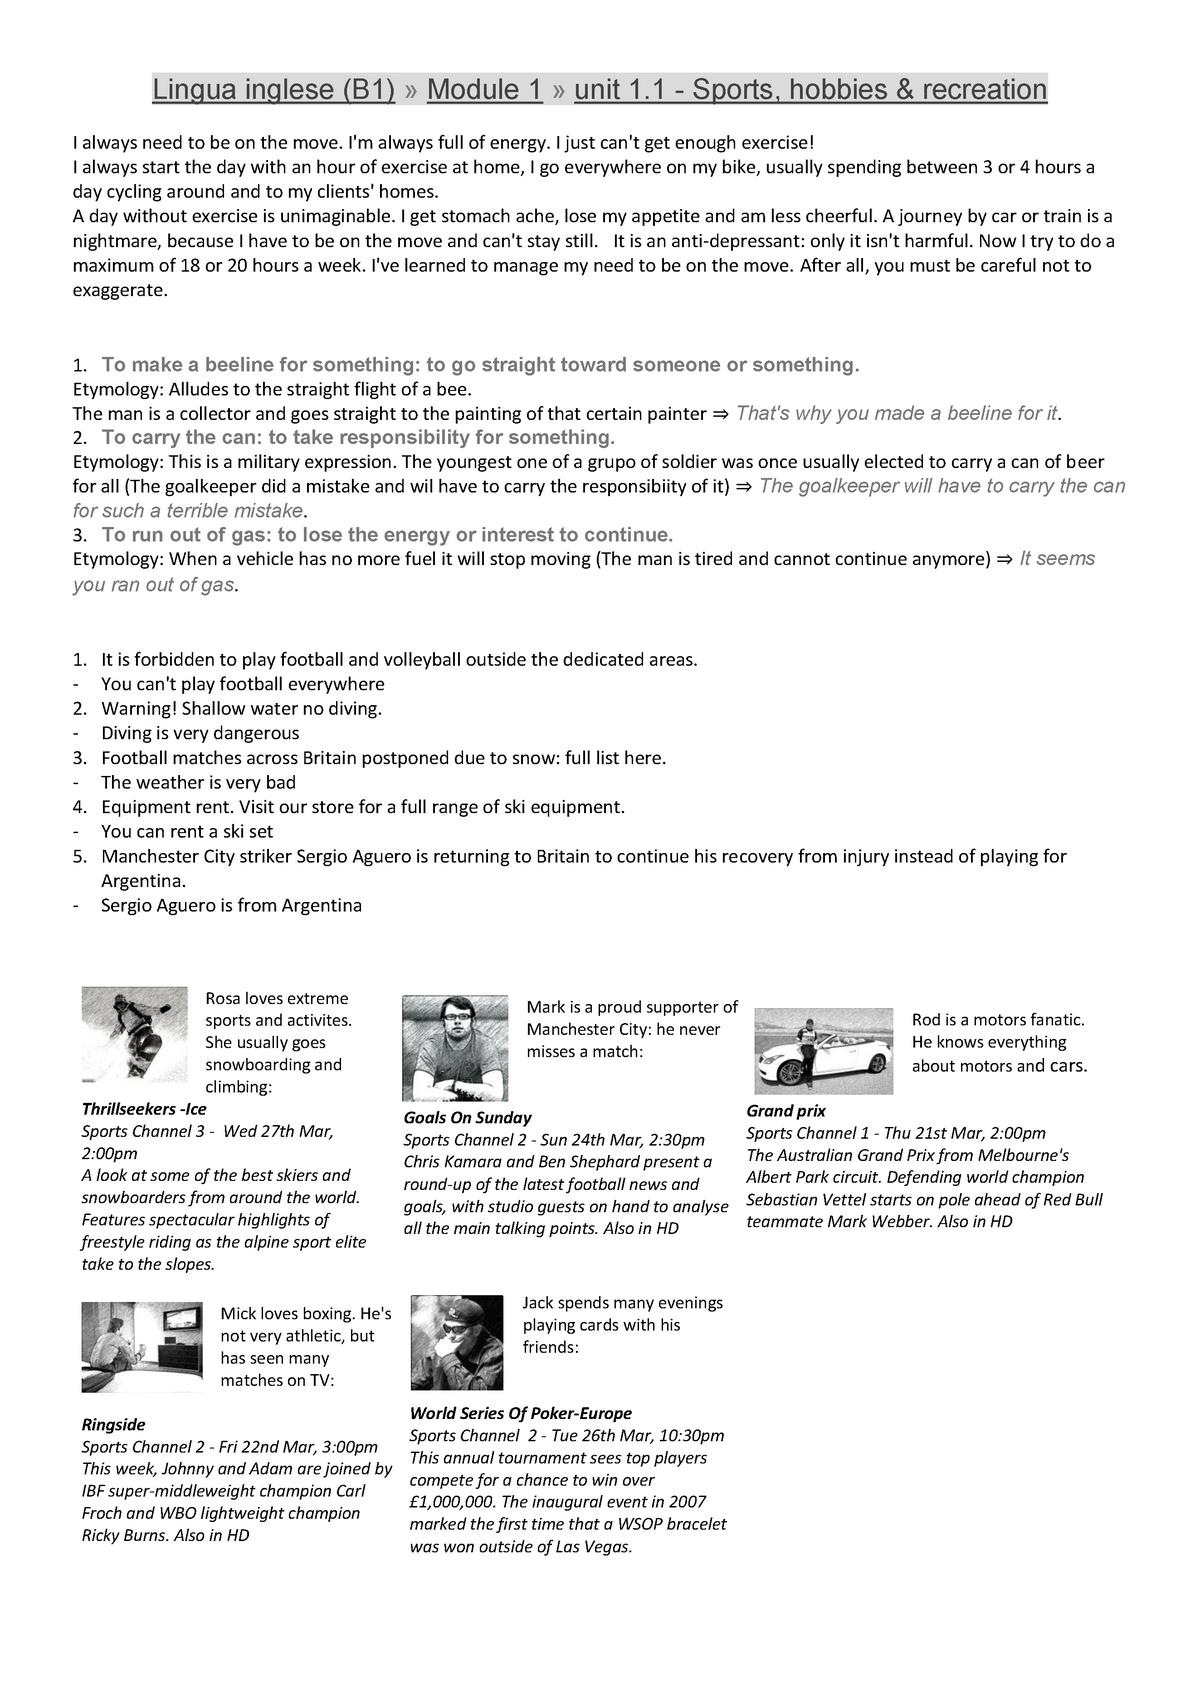 Esercizi del corso B1 online di Inglese - a a  2014/2015